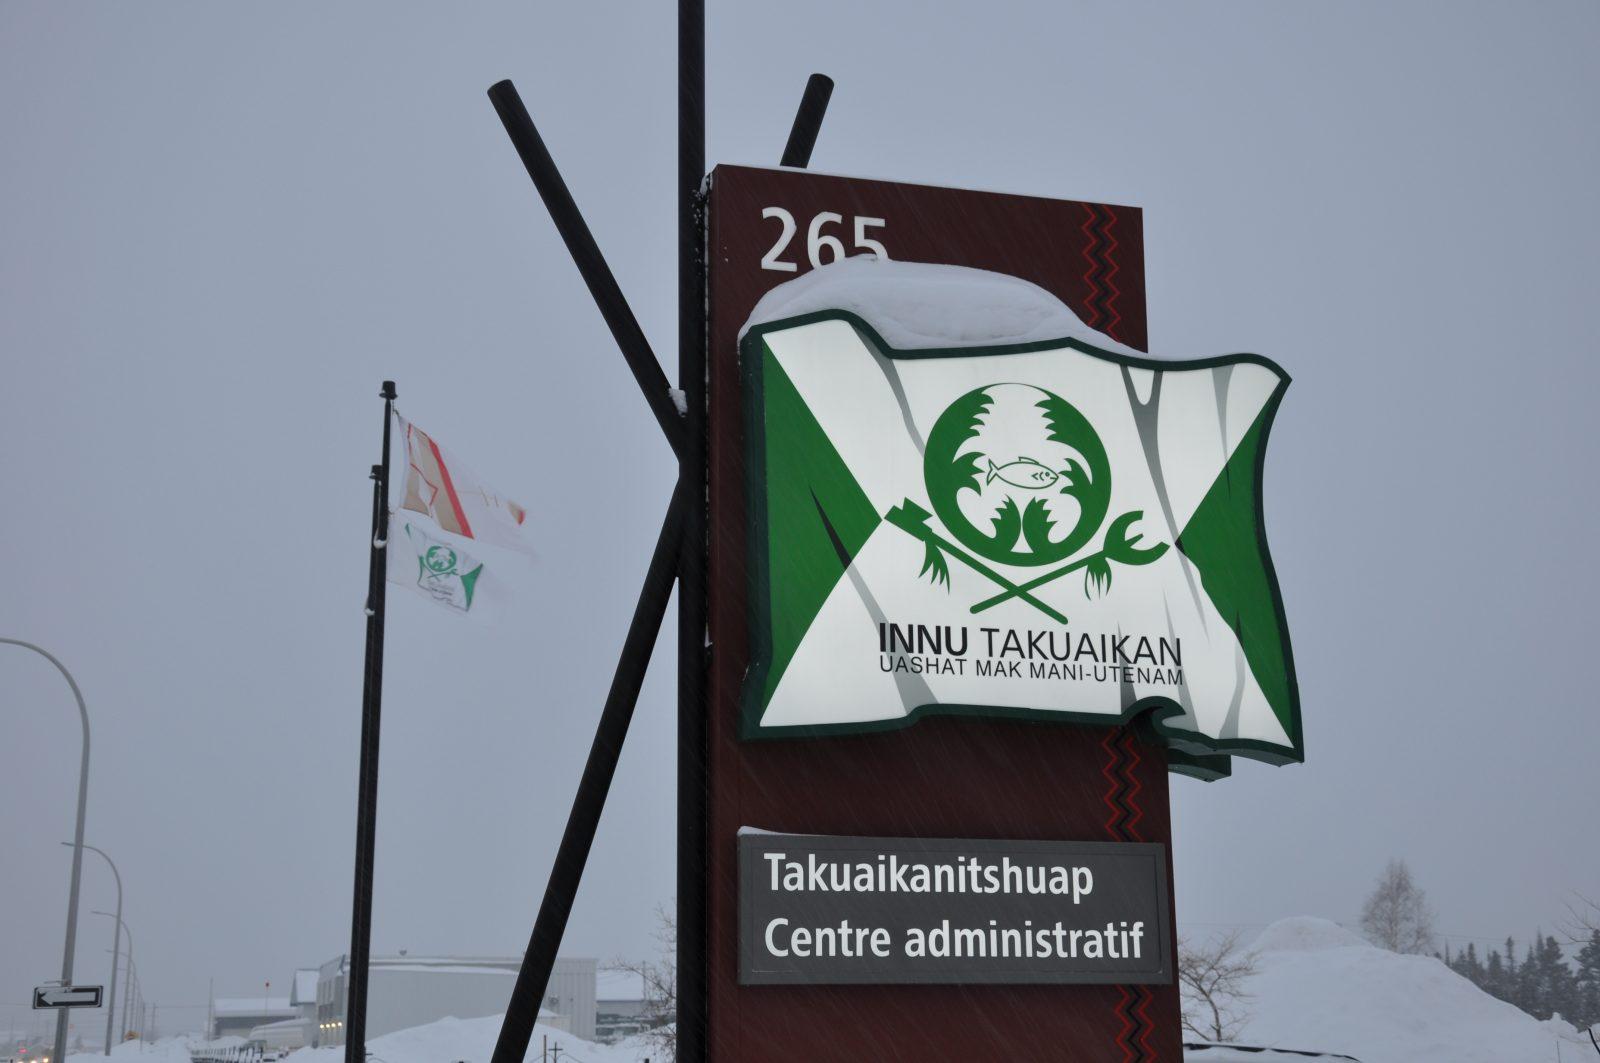 Un candidat à ITUM demande l'annulation de l'élection du 26 juin